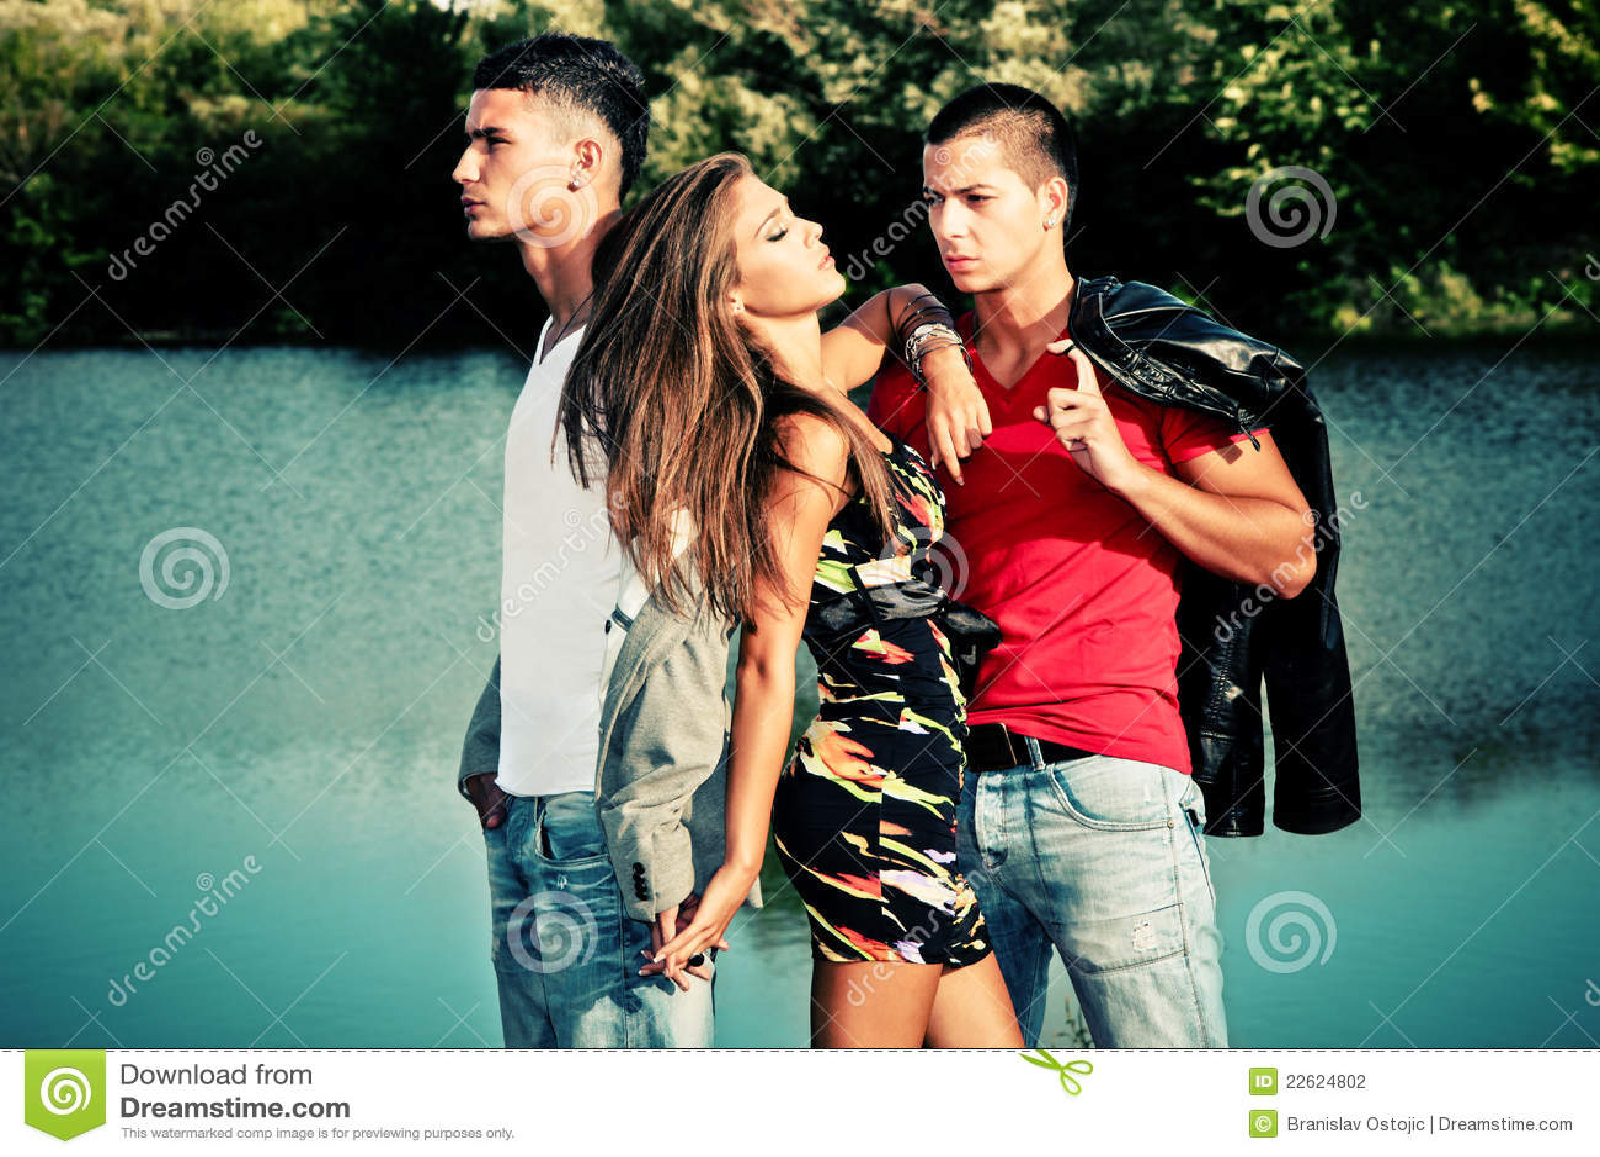 Фото одна девушка и два парня на аву